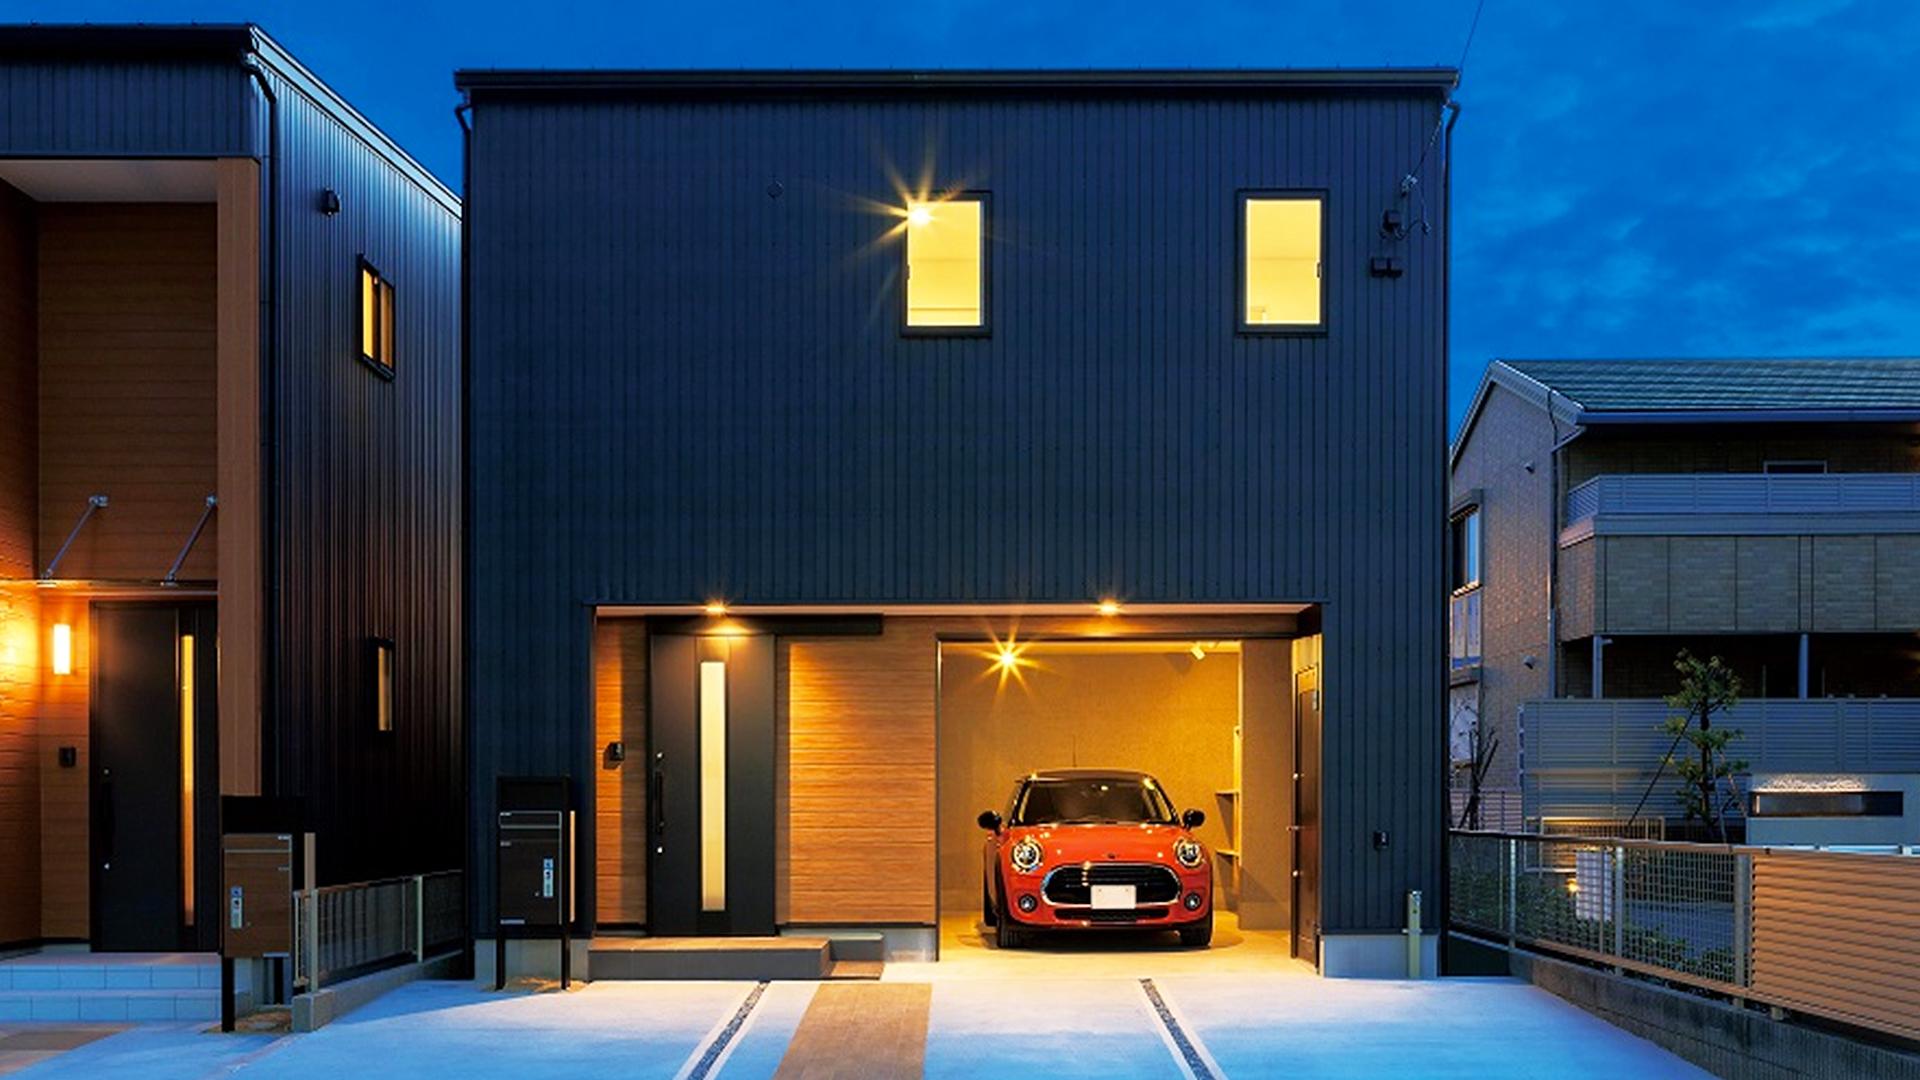 浜松市の不動産会社リングの作るガレージがオシャレな一軒屋の画像